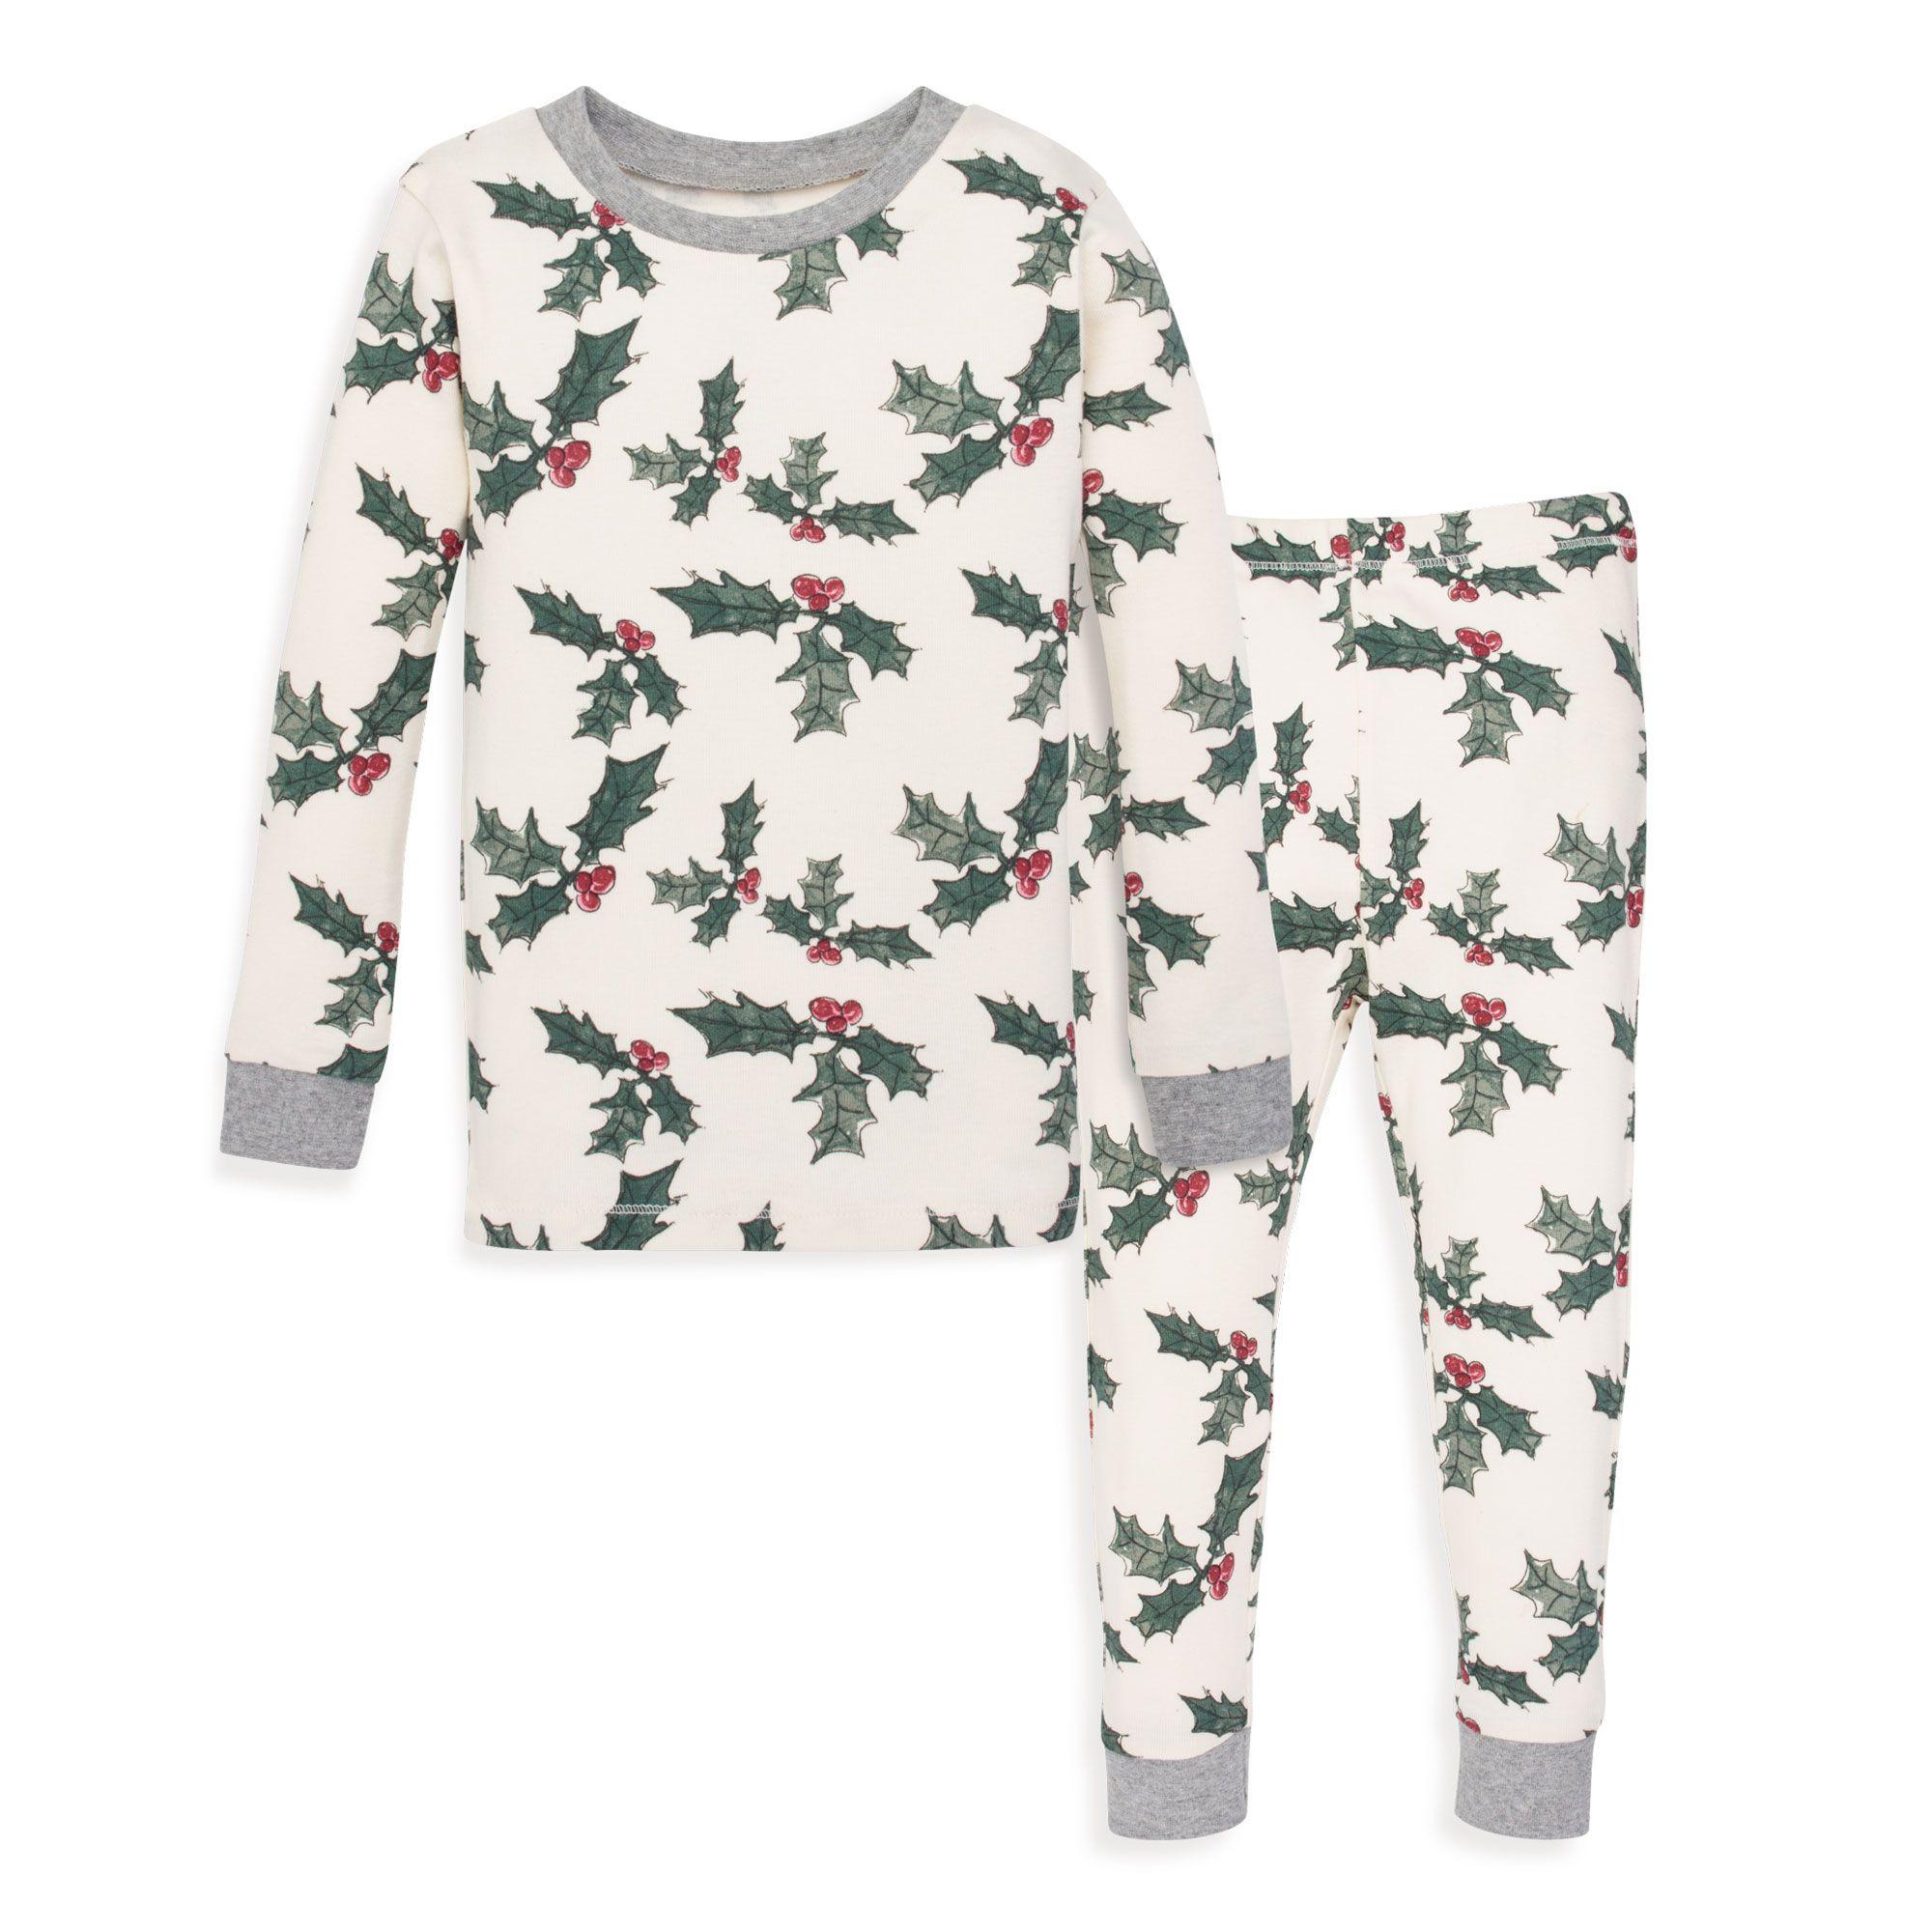 Happy Holly Organic Baby Pajamas Baby pajamas, Matching